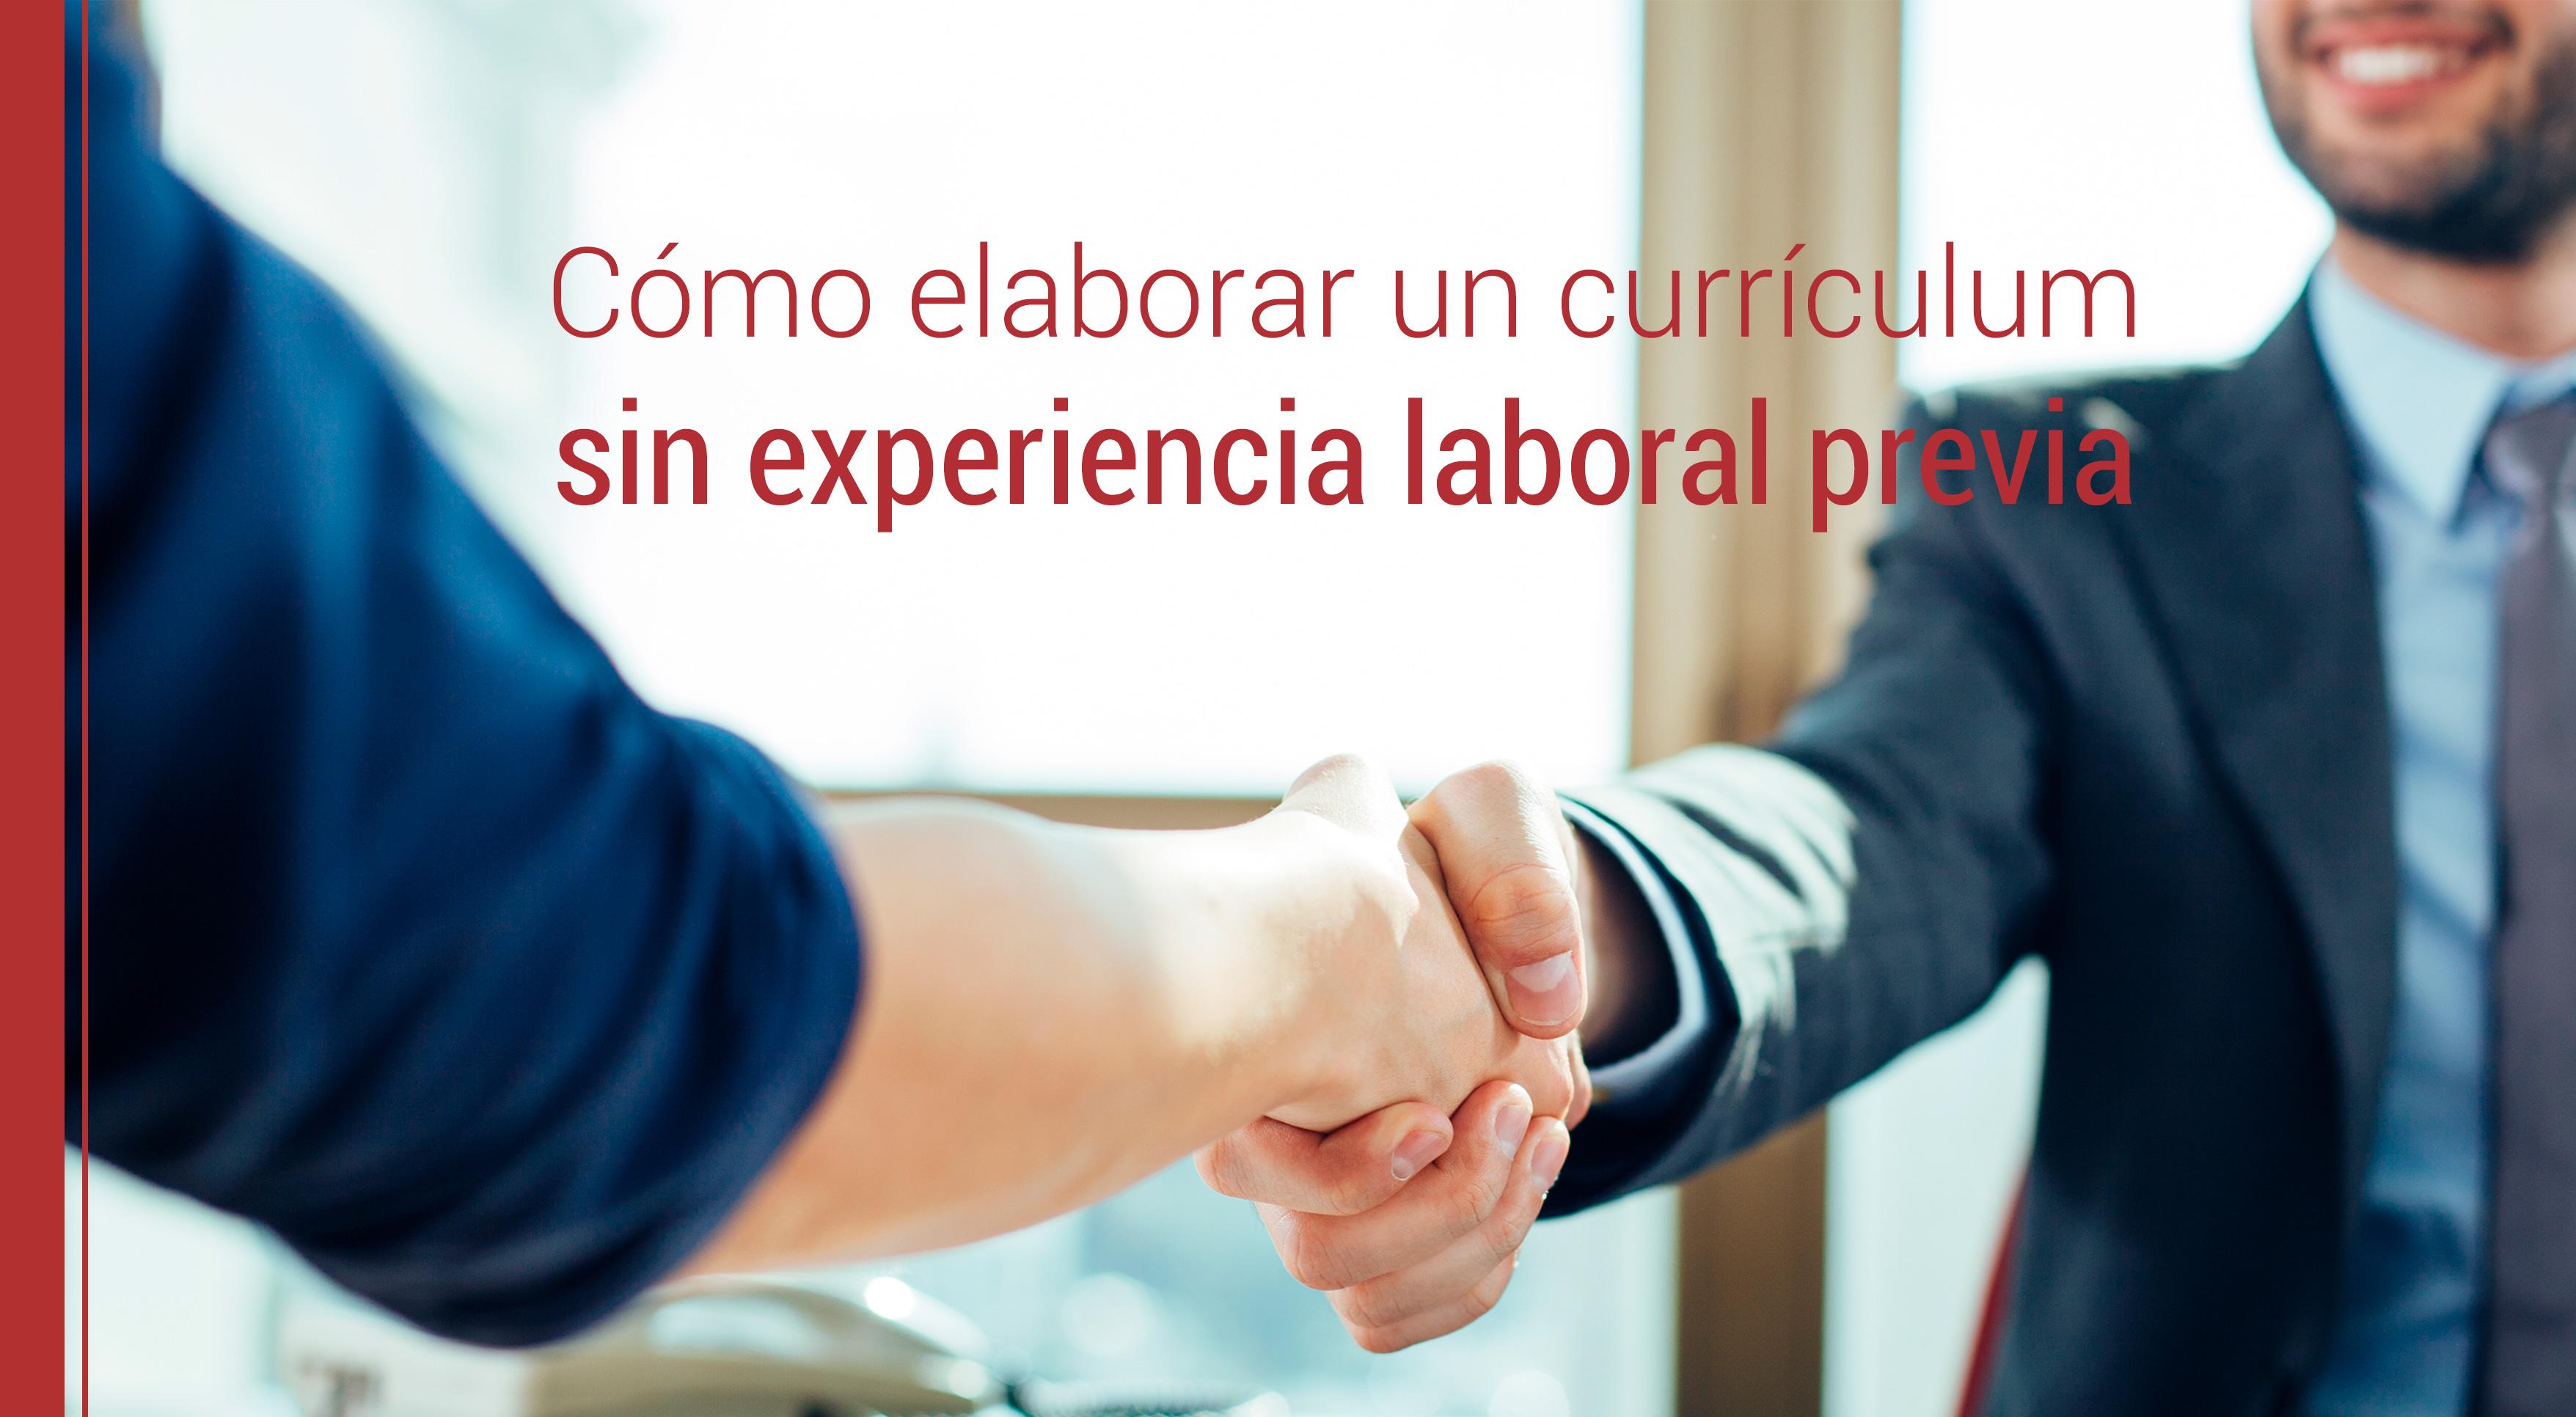 Cómo elaborar un curriculum sin experiencia laboral previa